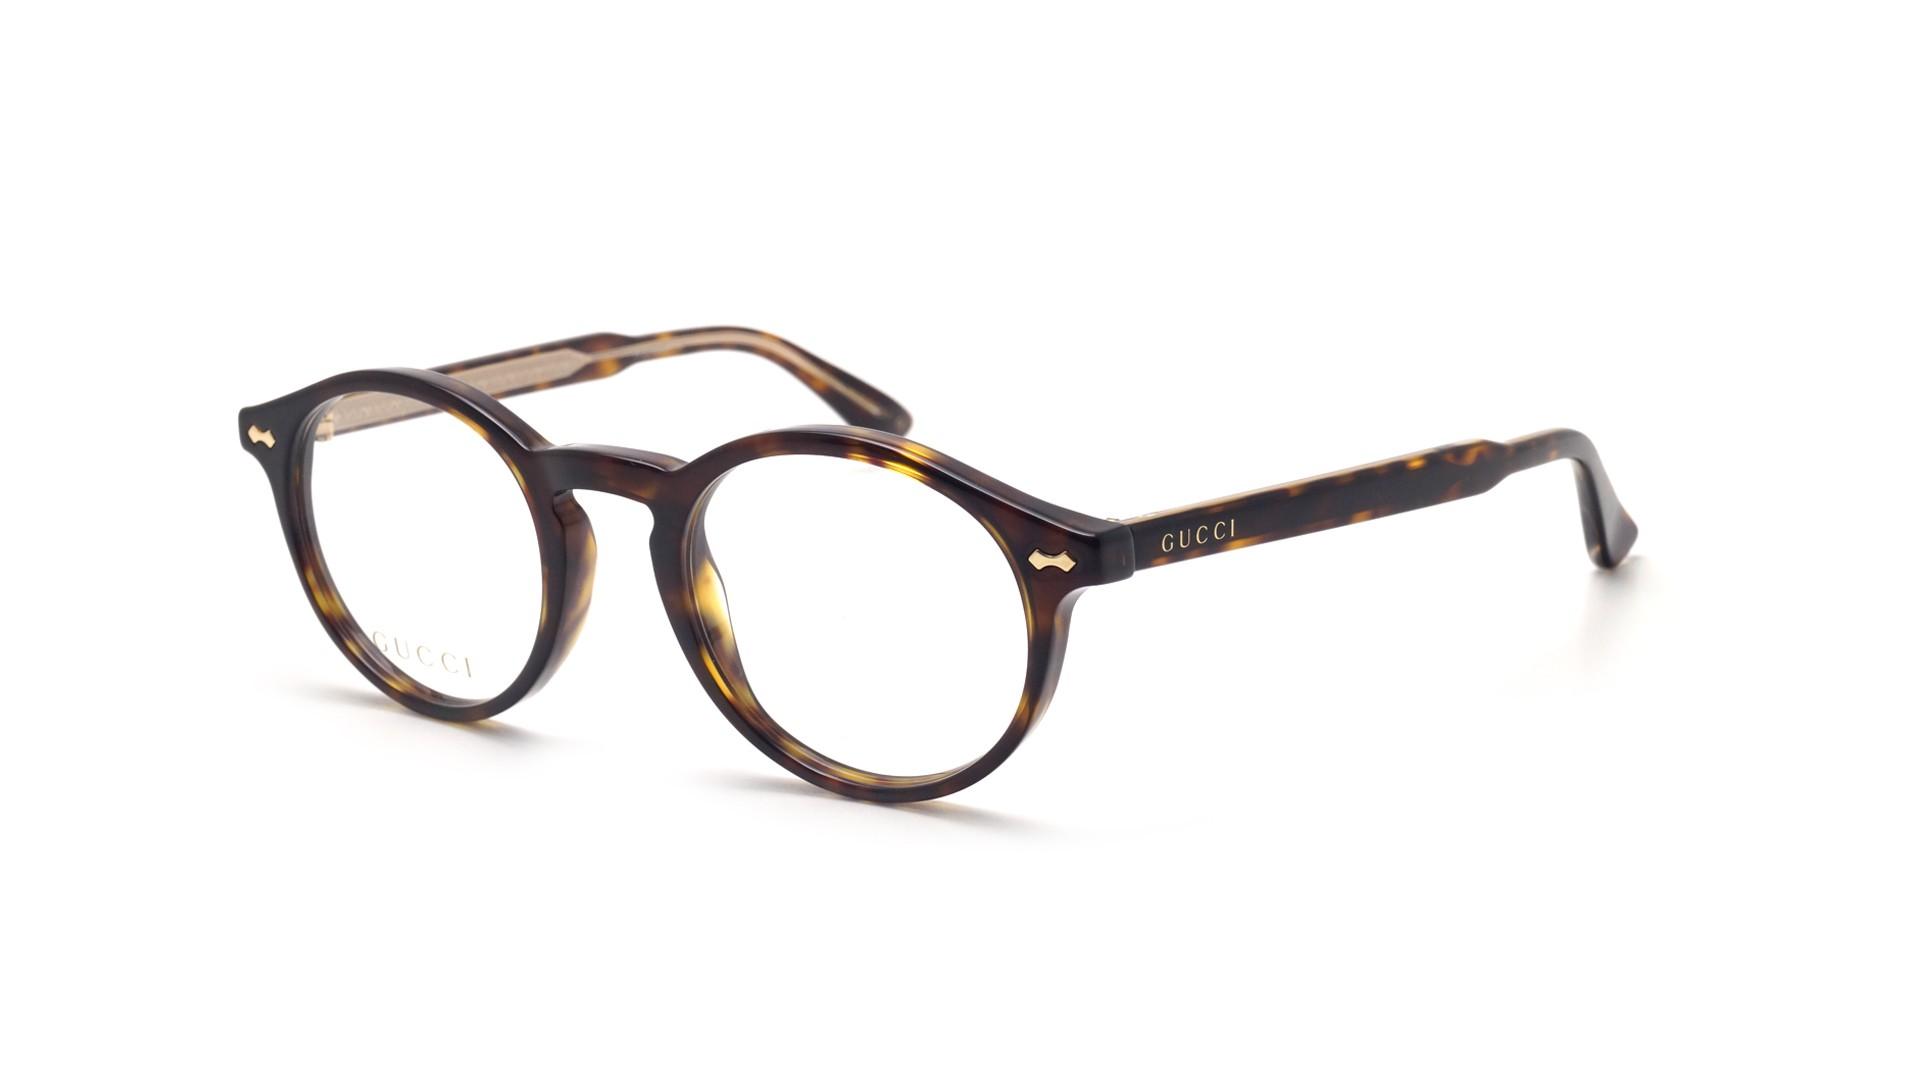 c2762eb8adb Eyeglasses Gucci GG0127O 002 48-21 Tortoise Small